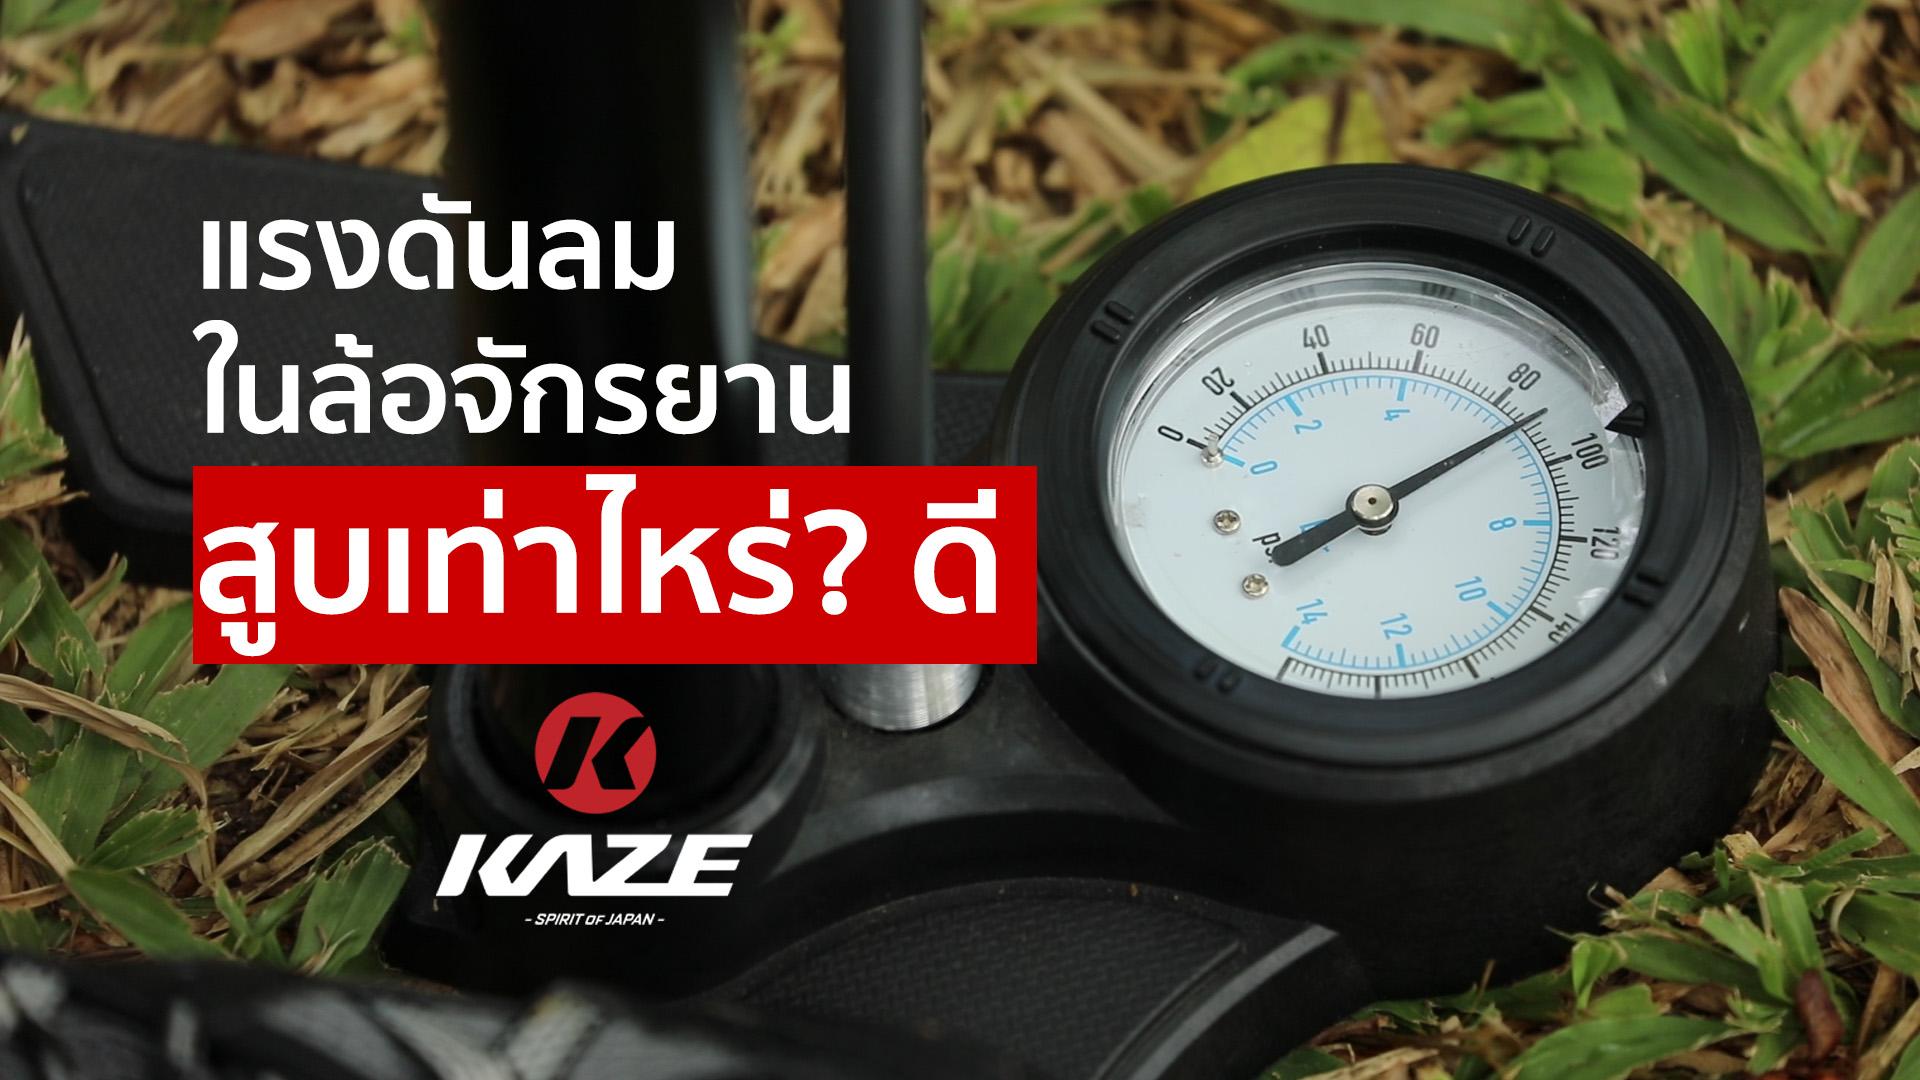 KAZE Bike Trick | แรงดันลมในล้อจักรยาน ควรสูบเท่าไหร่ดี?